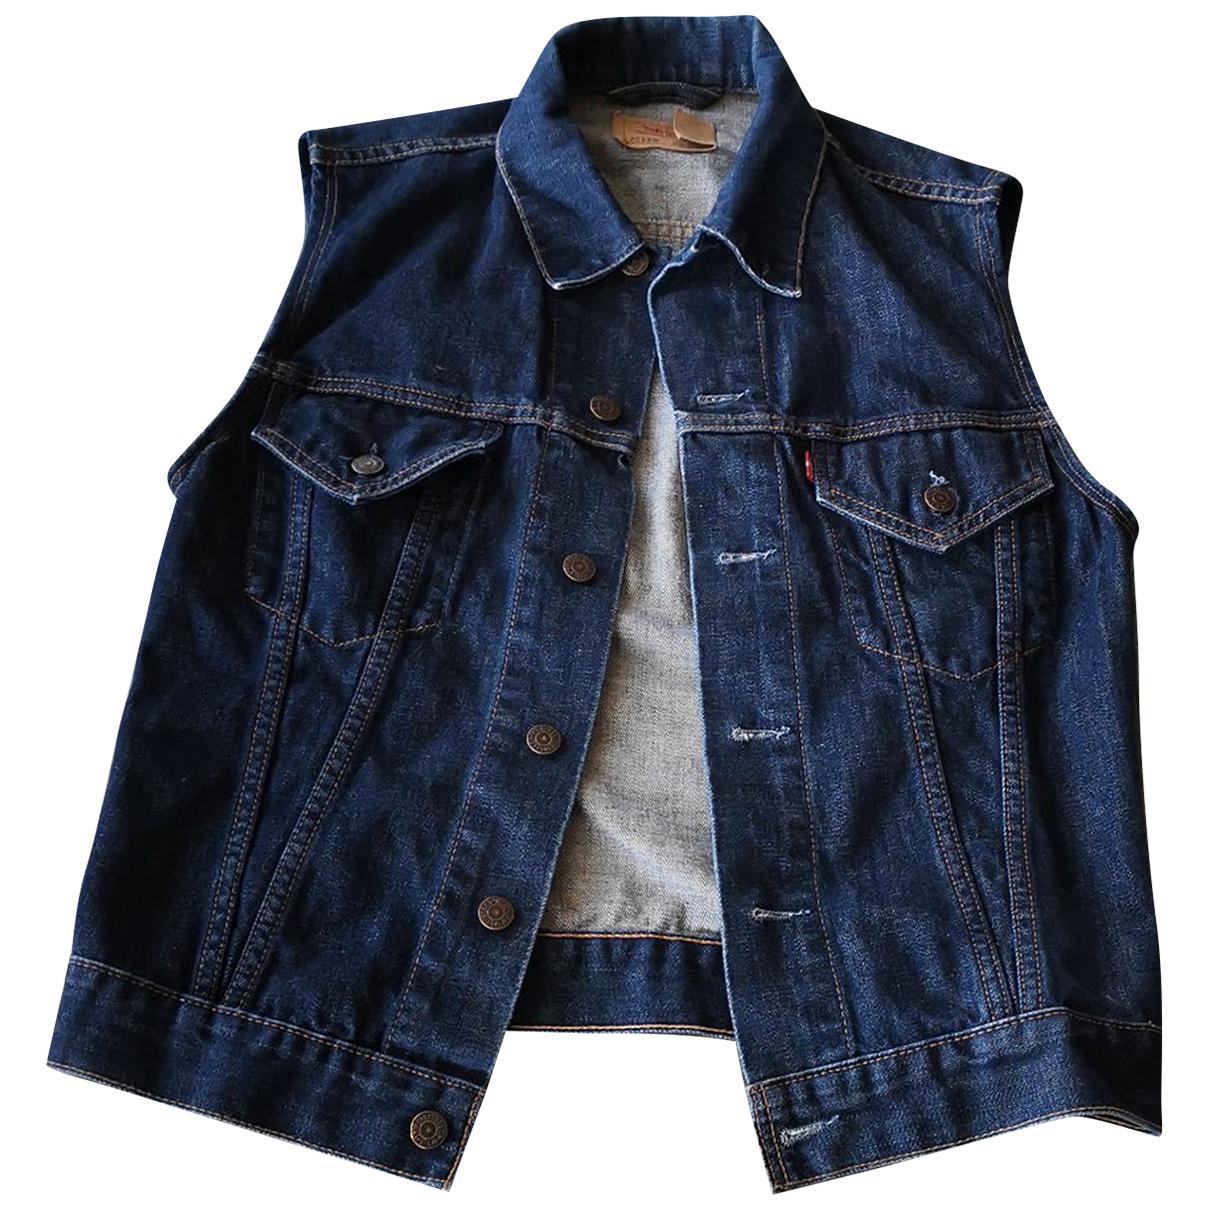 Levis \N Jacke in  Blau Denim - Jeans